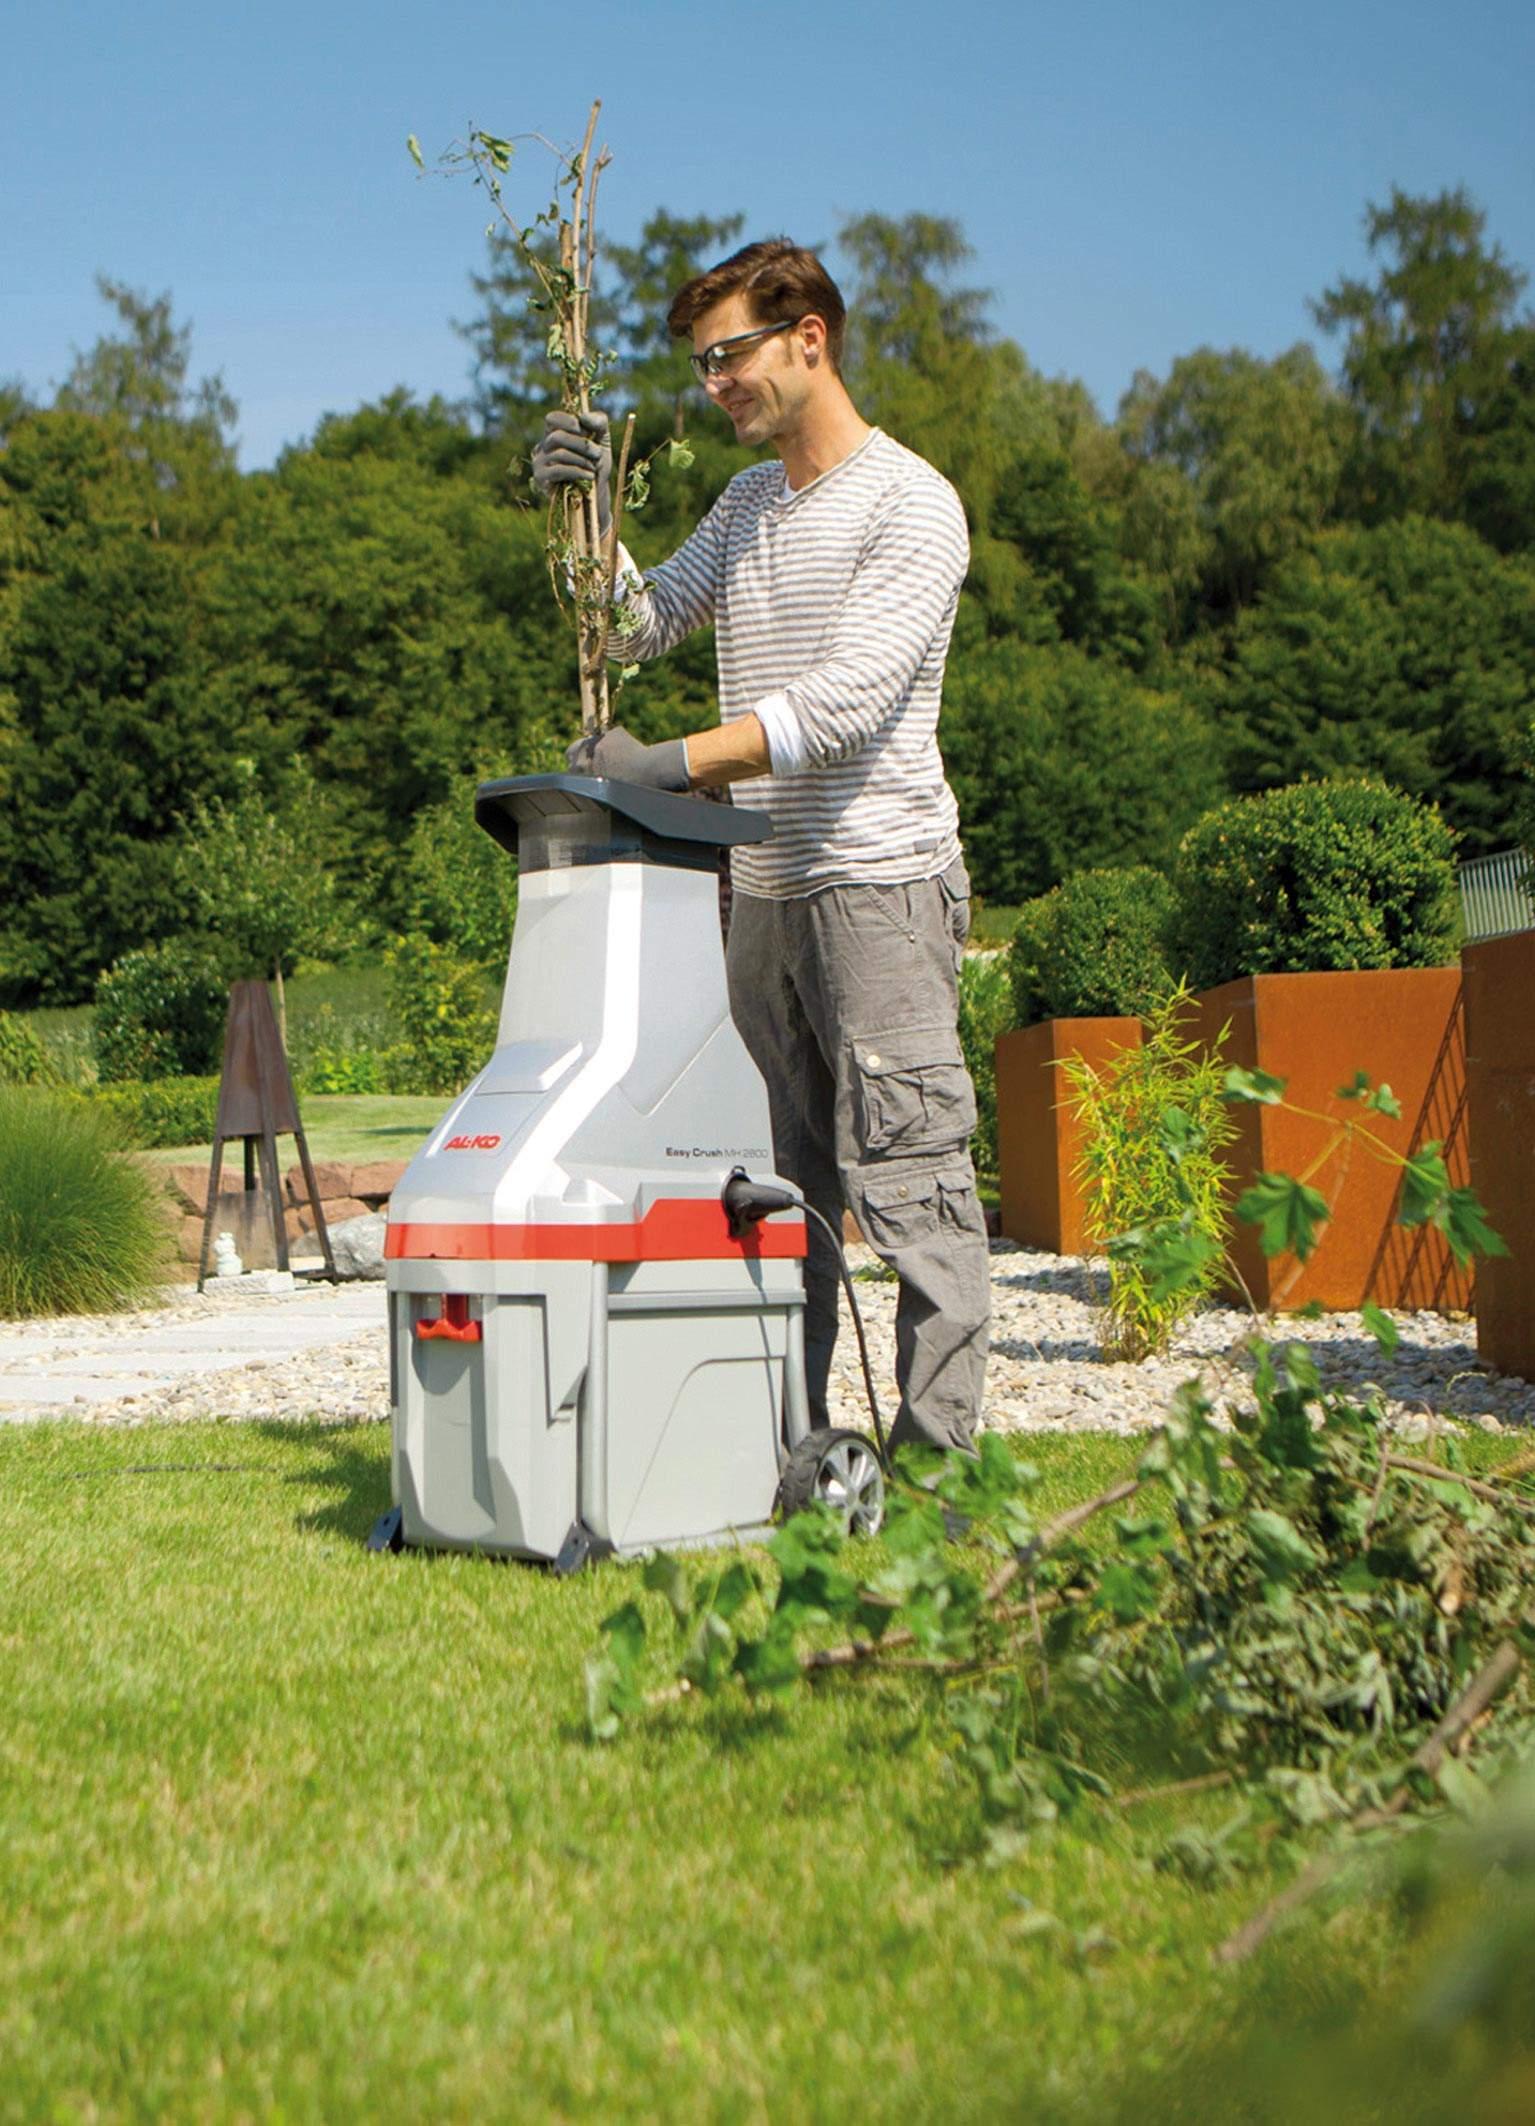 Садовый измельчитель для травы и веток: как выбрать лучший